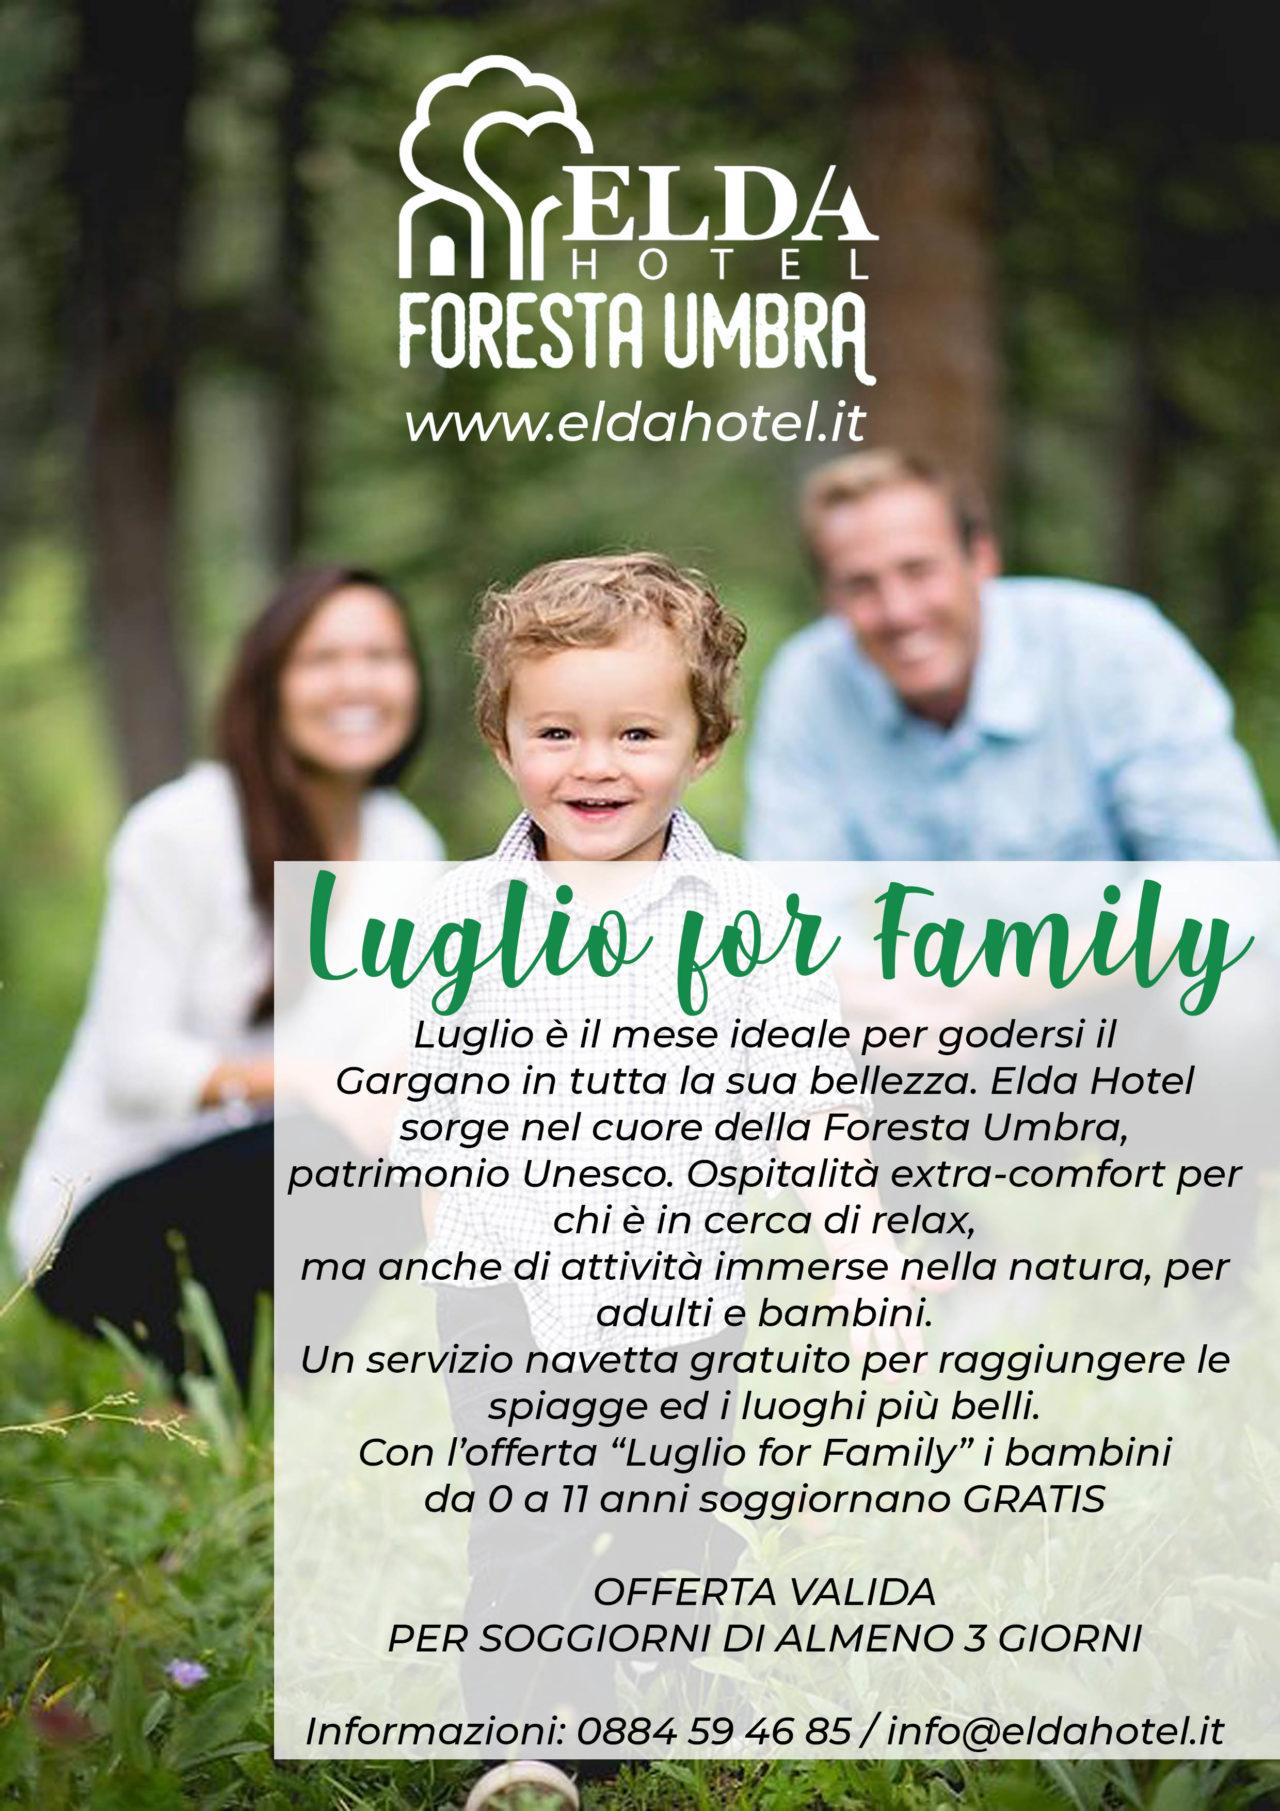 LUGLIO FOR FAMILY